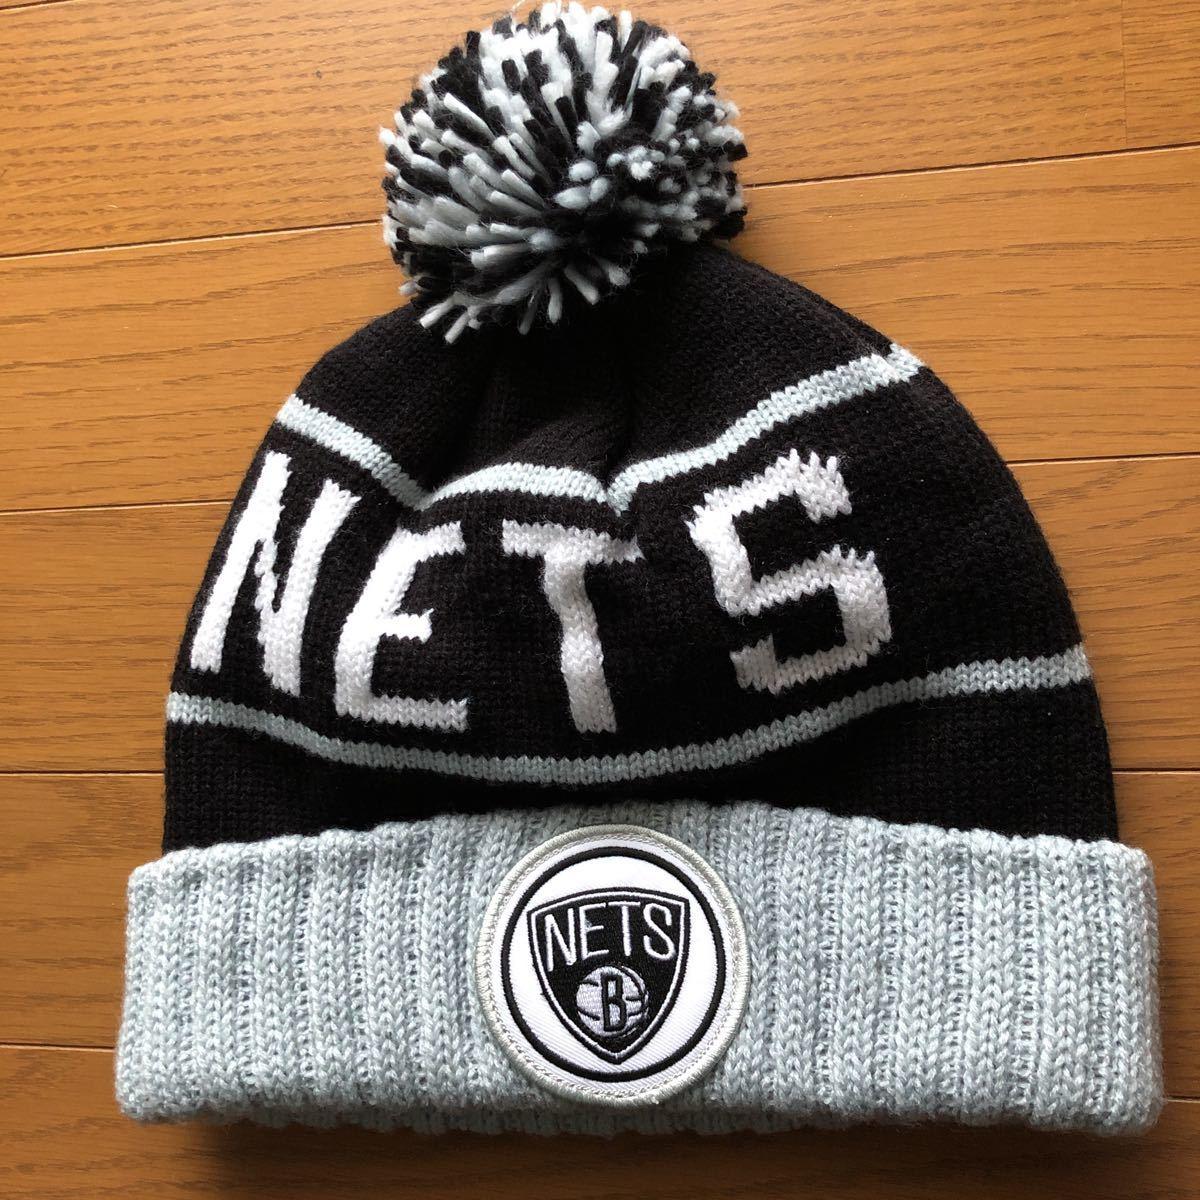 未使用 Mitchell&Ness NBA ミッチェル&ネス ネッツ brooklyn nets ニット帽 帽子